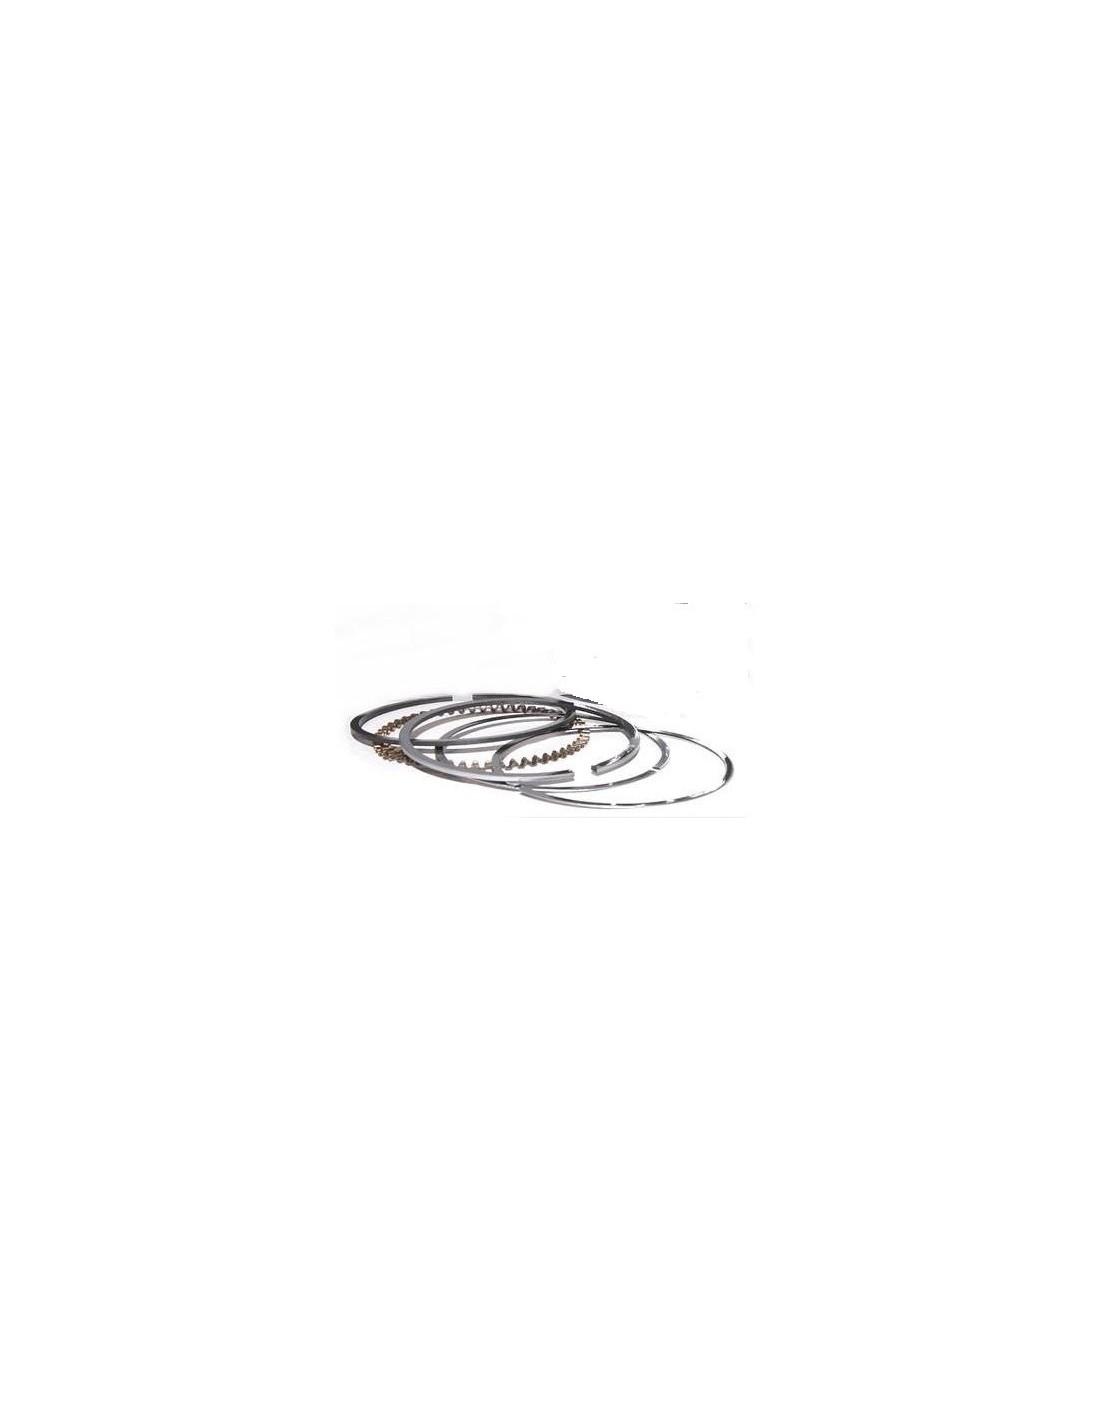 pierścienie tłoka  poj 125